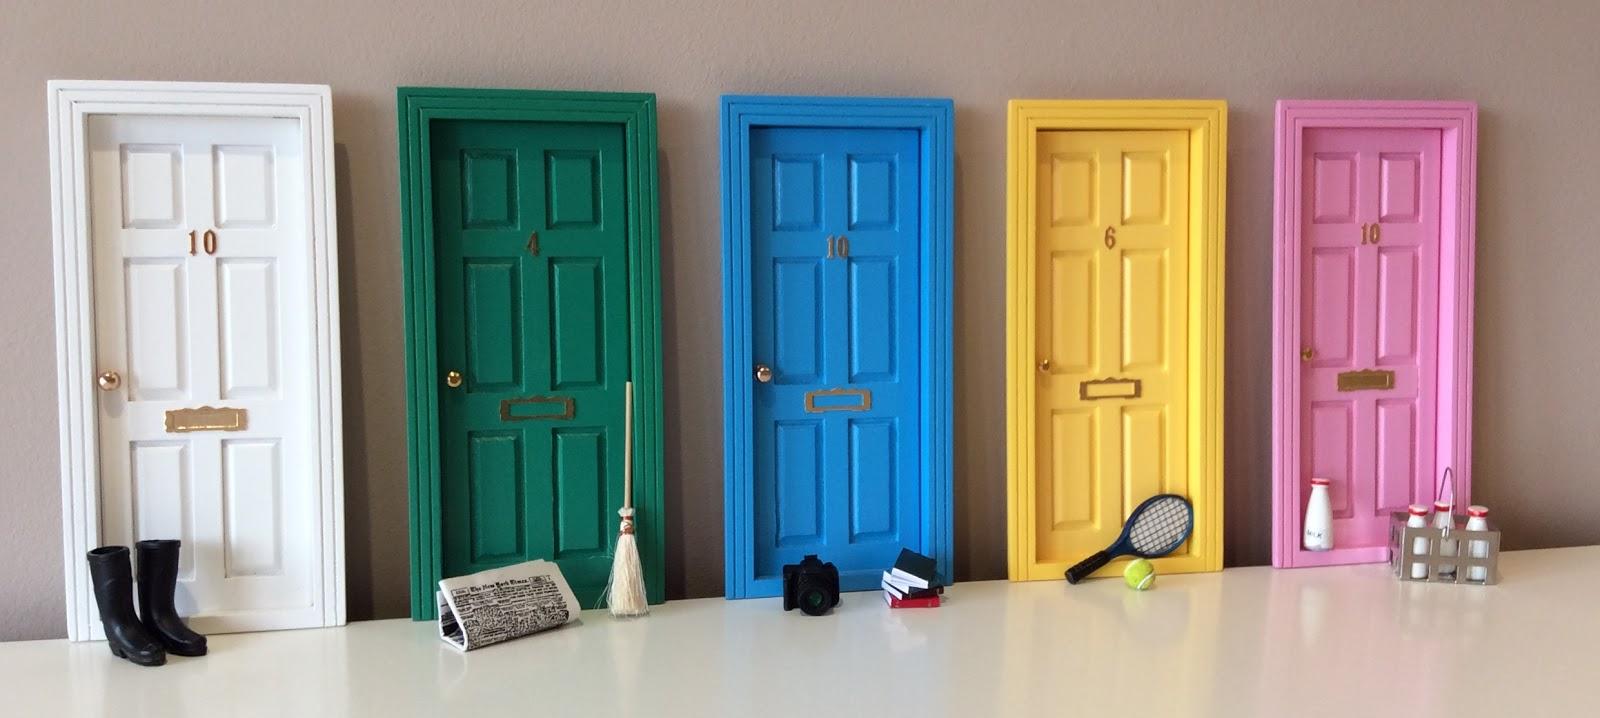 Una puerta para el ratoncito p rez las puertas m gicas - Puerta ratoncito perez el corte ingles ...